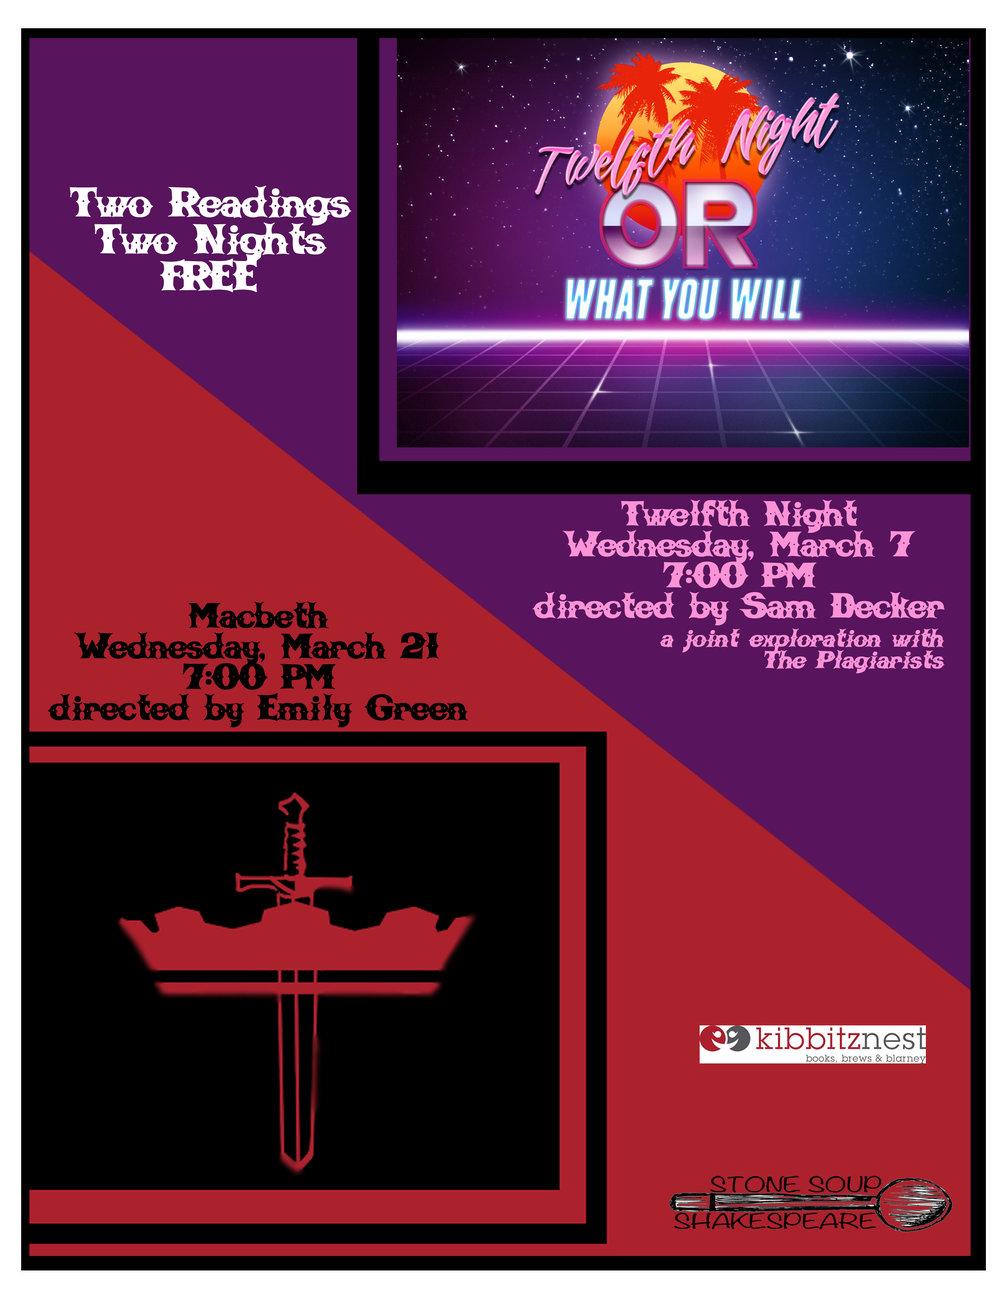 TwelfthNight - Directed bySamantha Decker